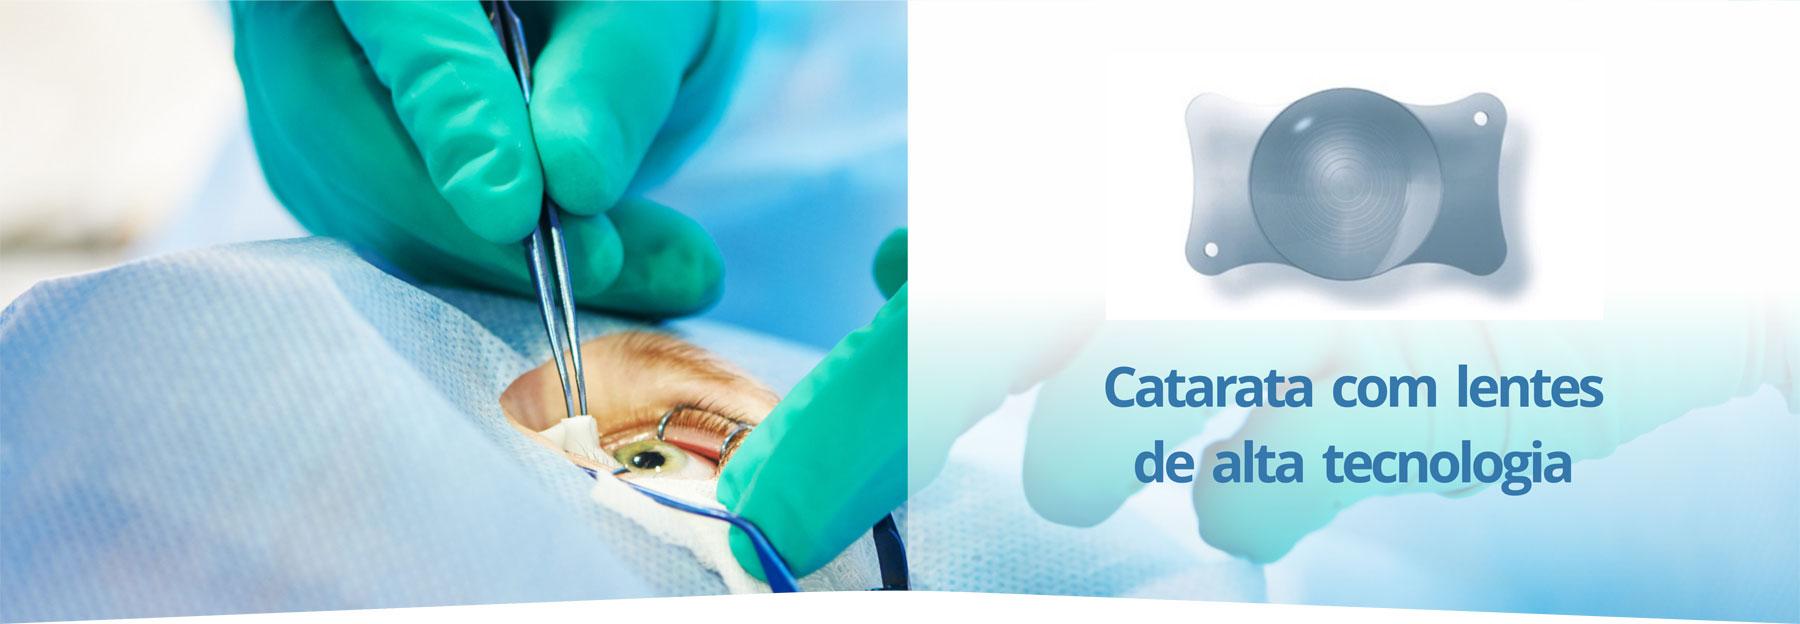 catarata-sorocaba-oftalmologia